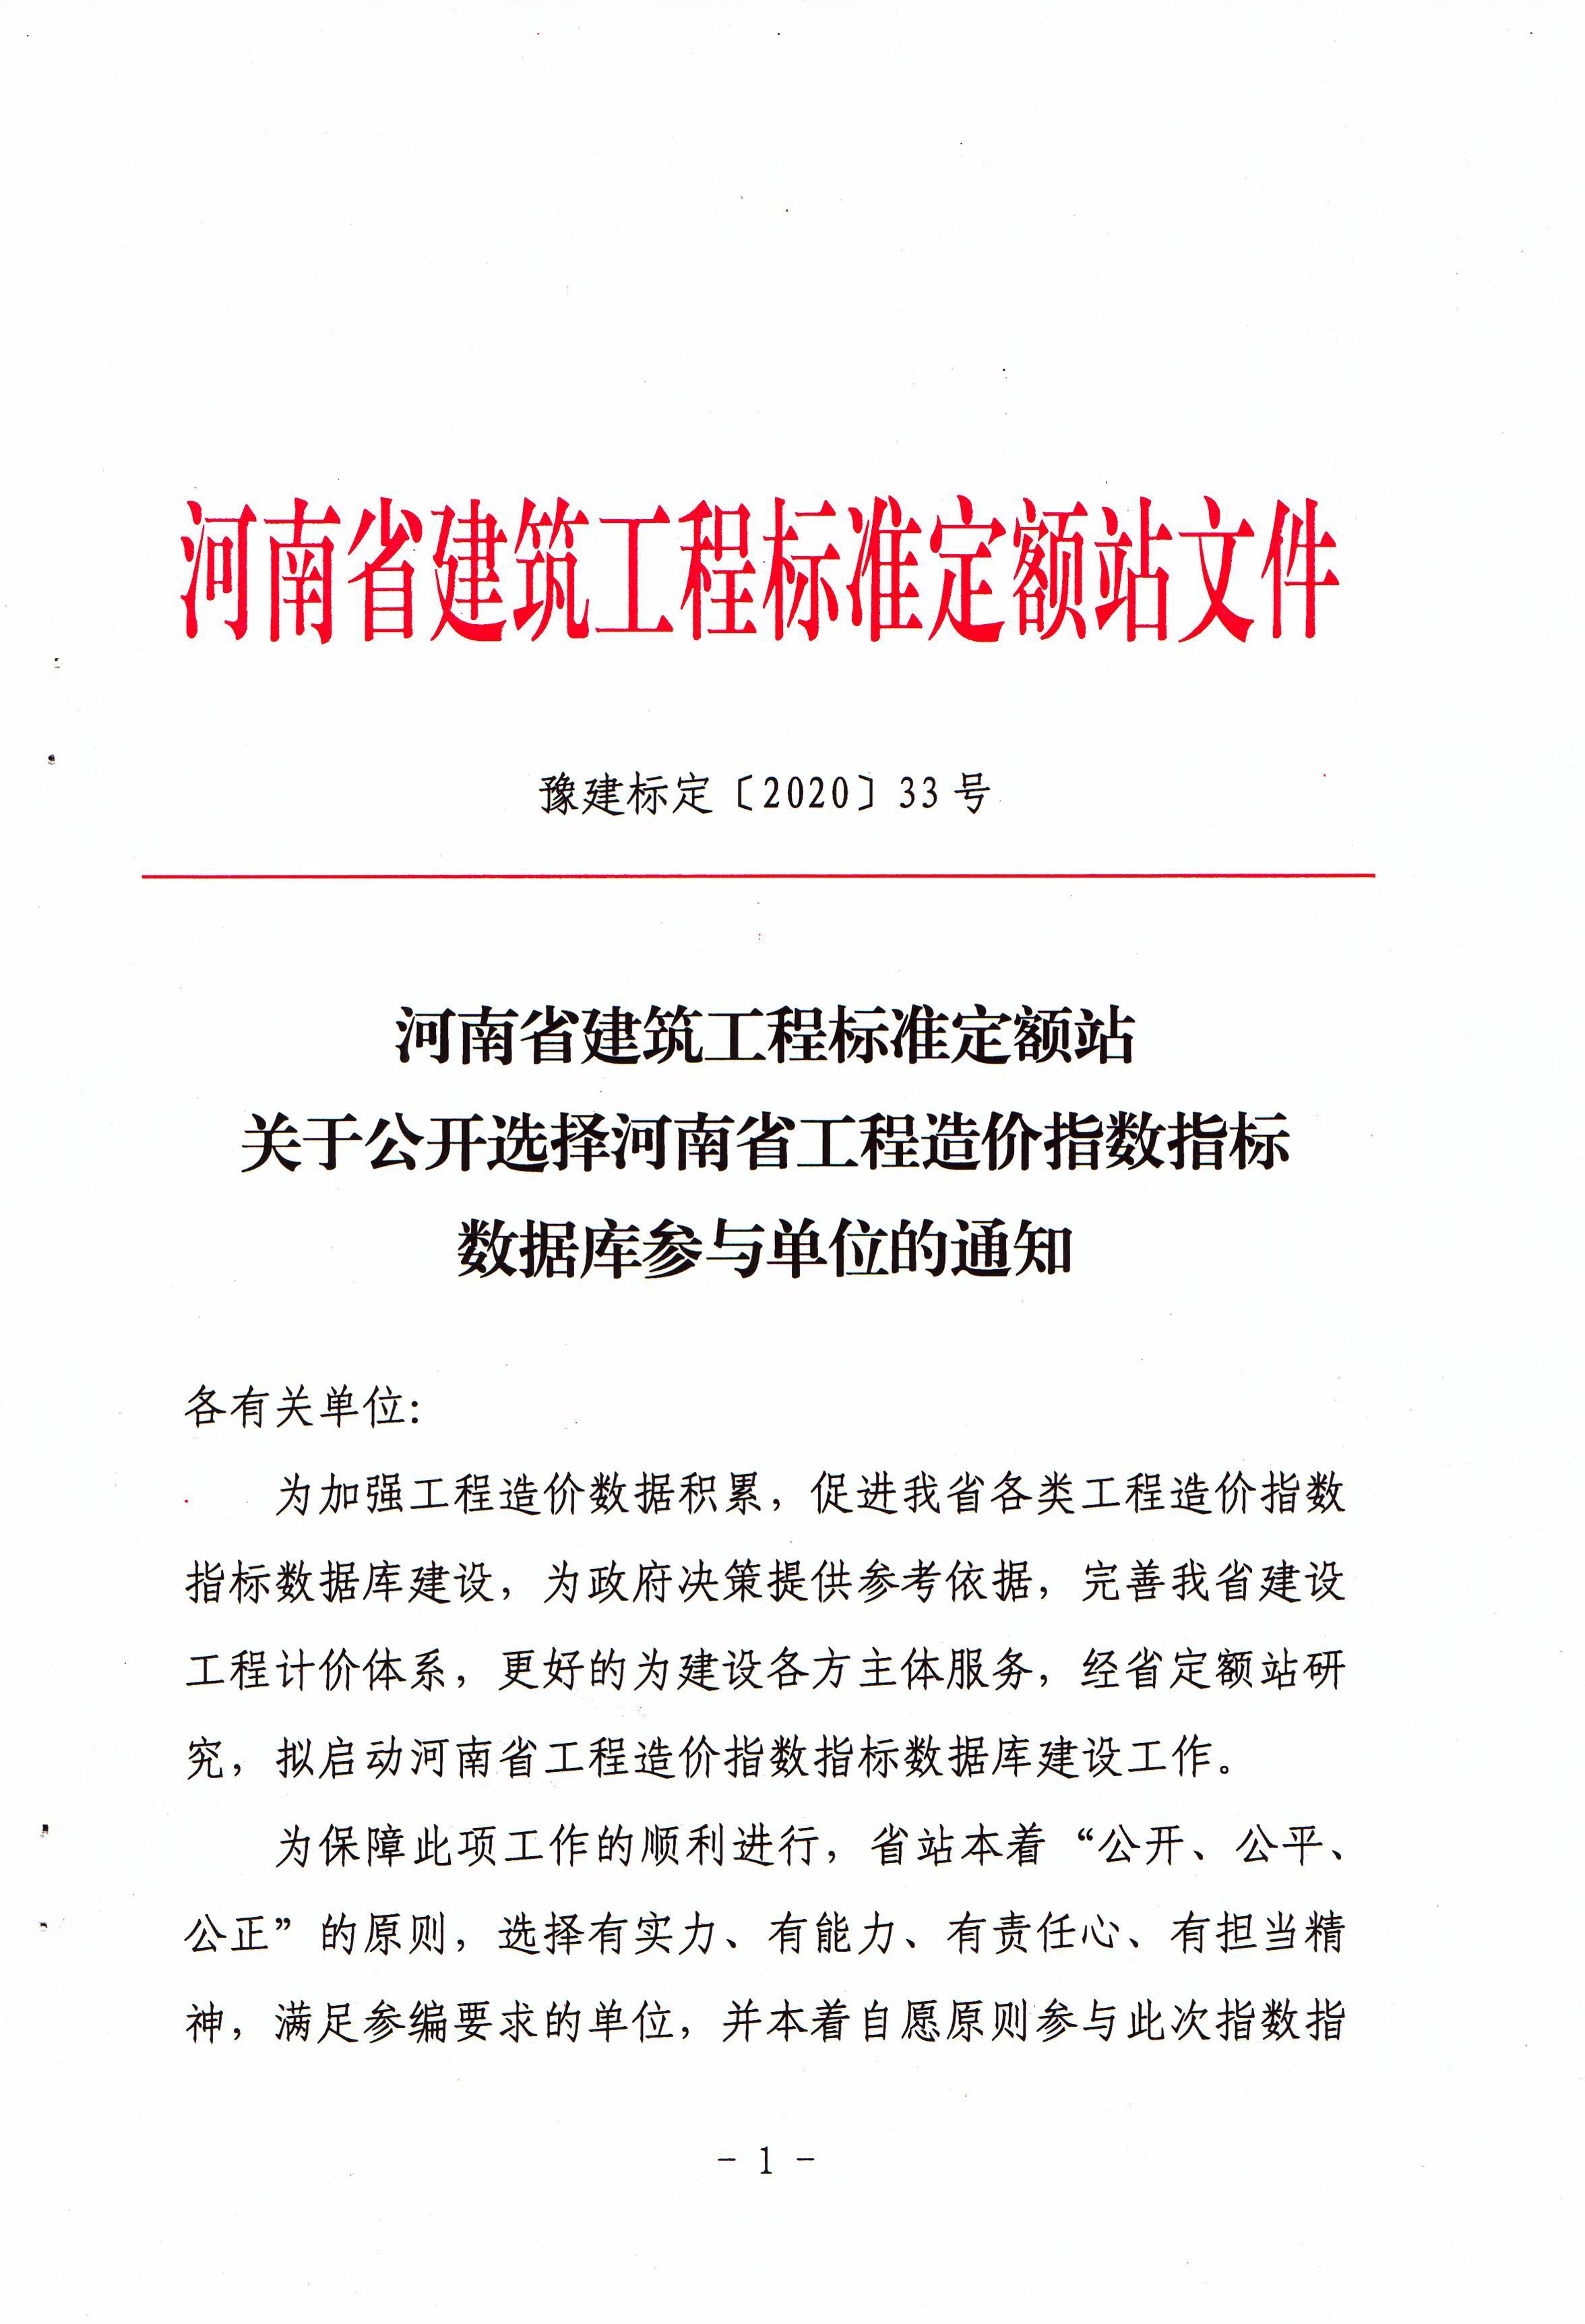 河南省建筑工程标准定额站关于公开选择河南省工程造价指数指标数据库参与单位的通知